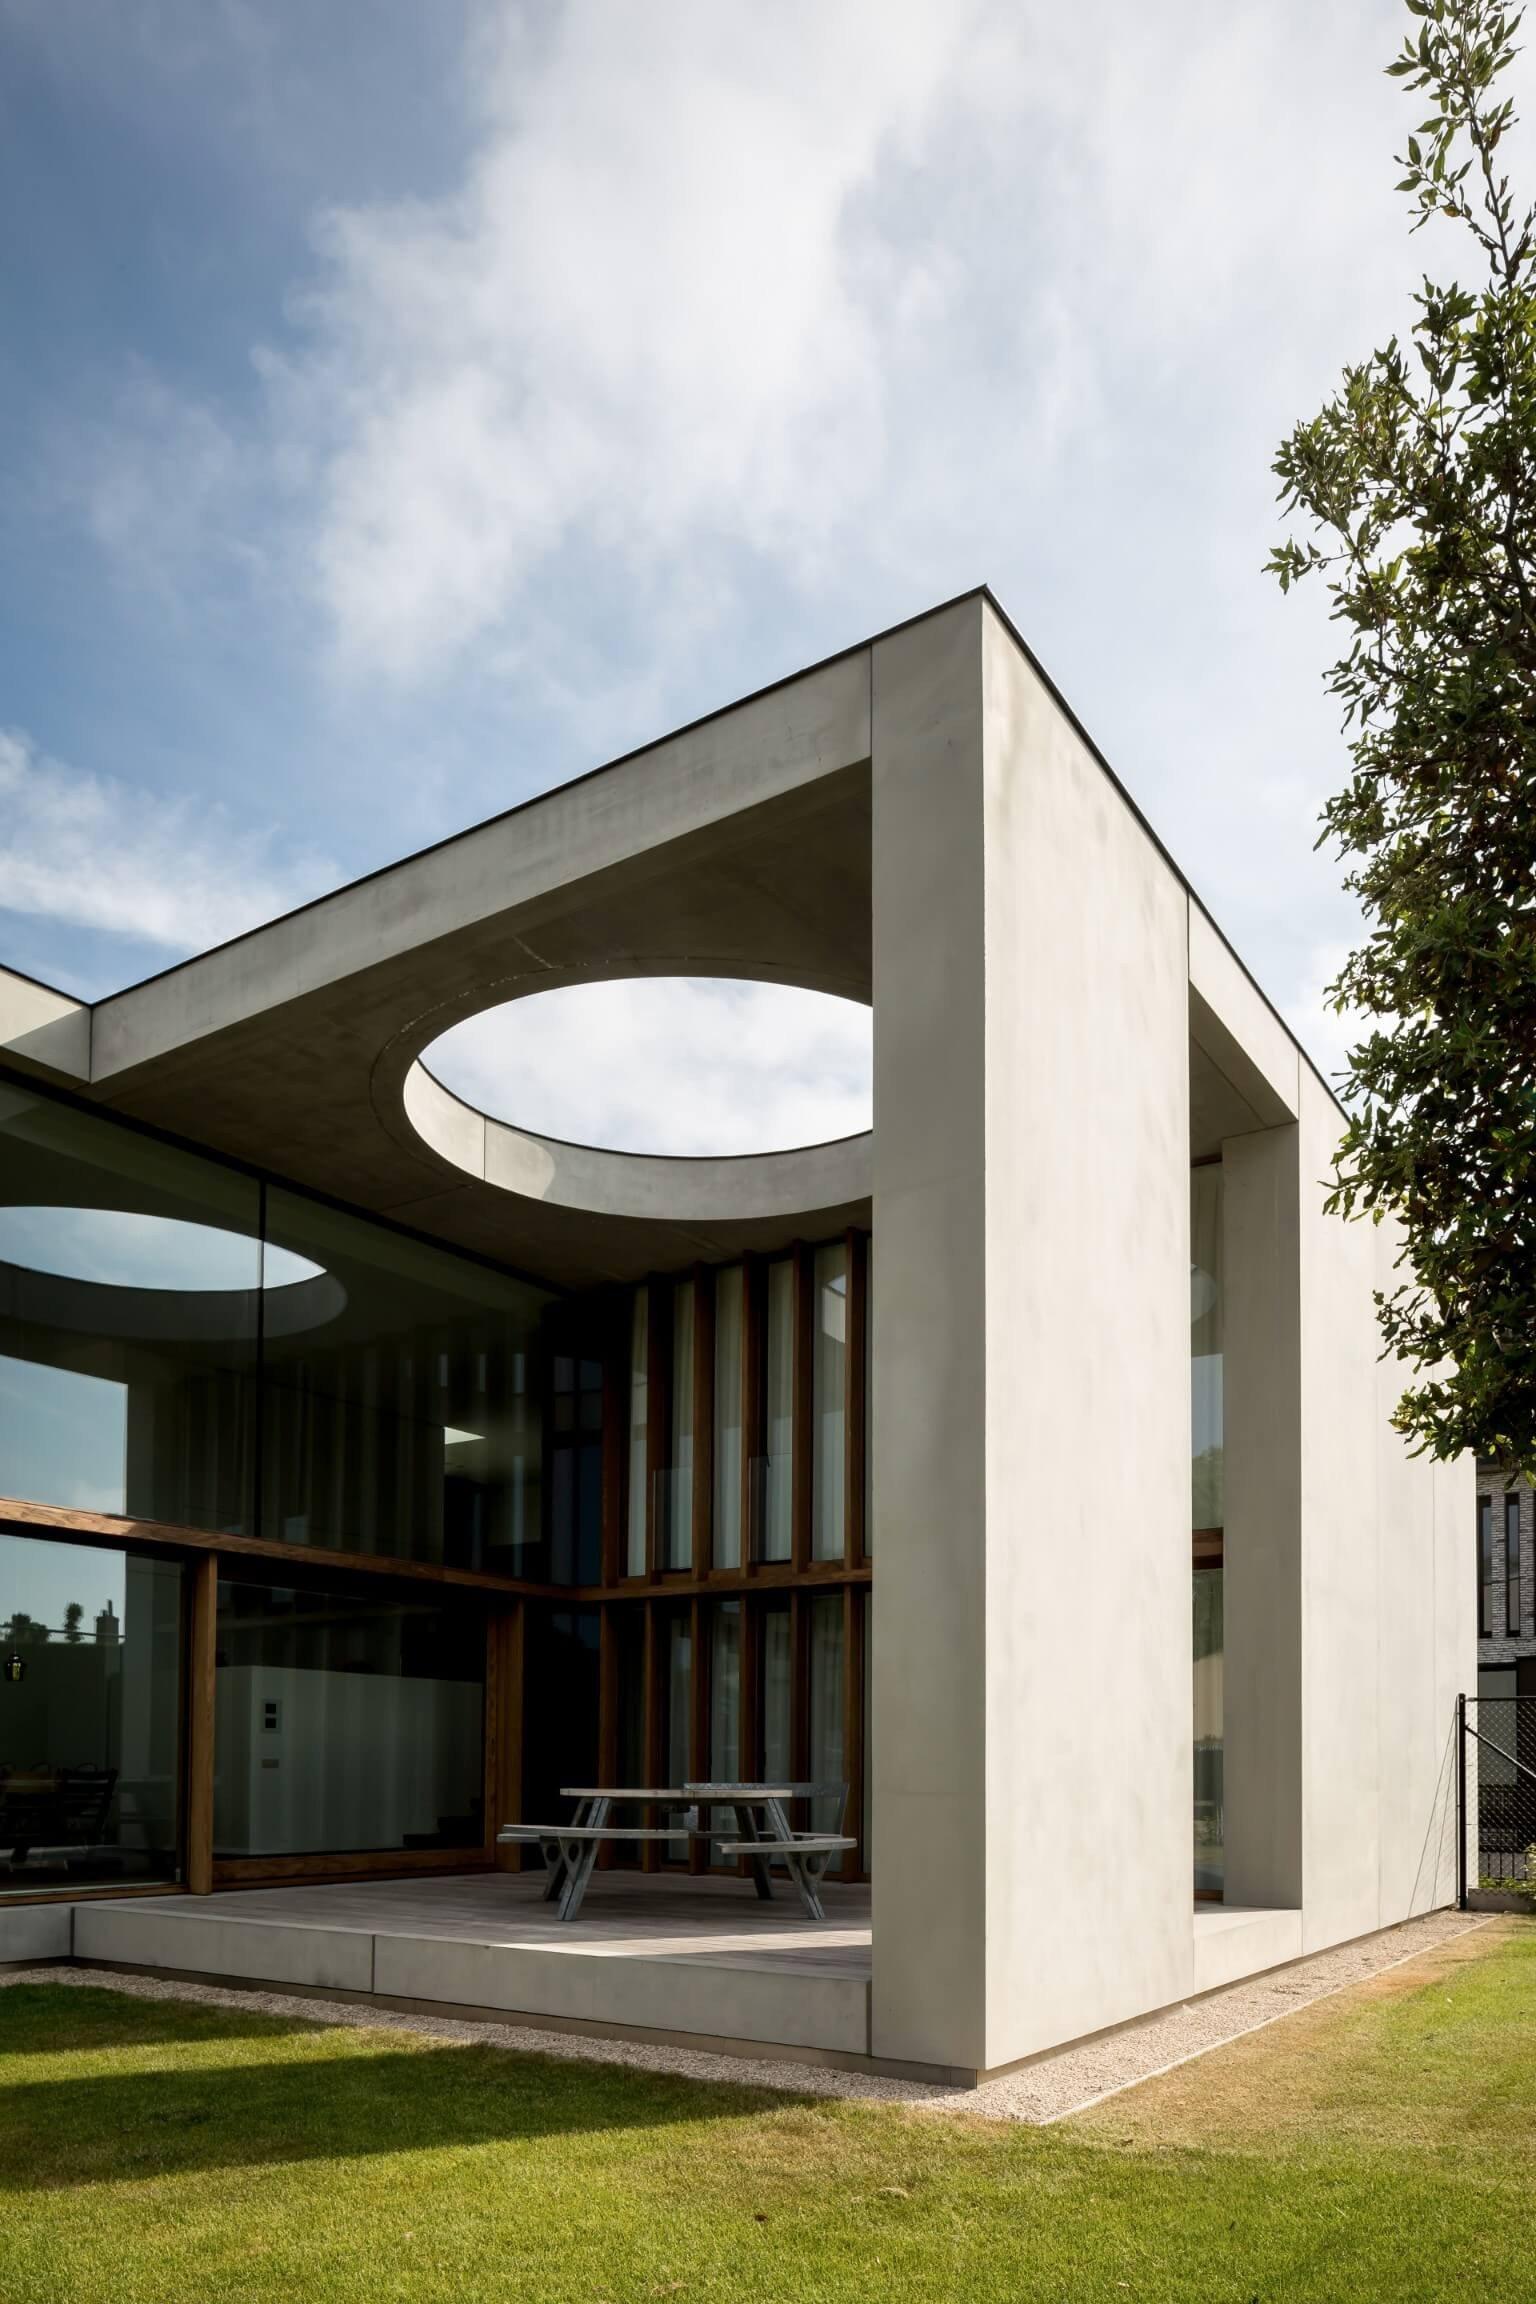 Rietveldprojects.be-HouseMC-villa-design-architectuur-kust16.jpg